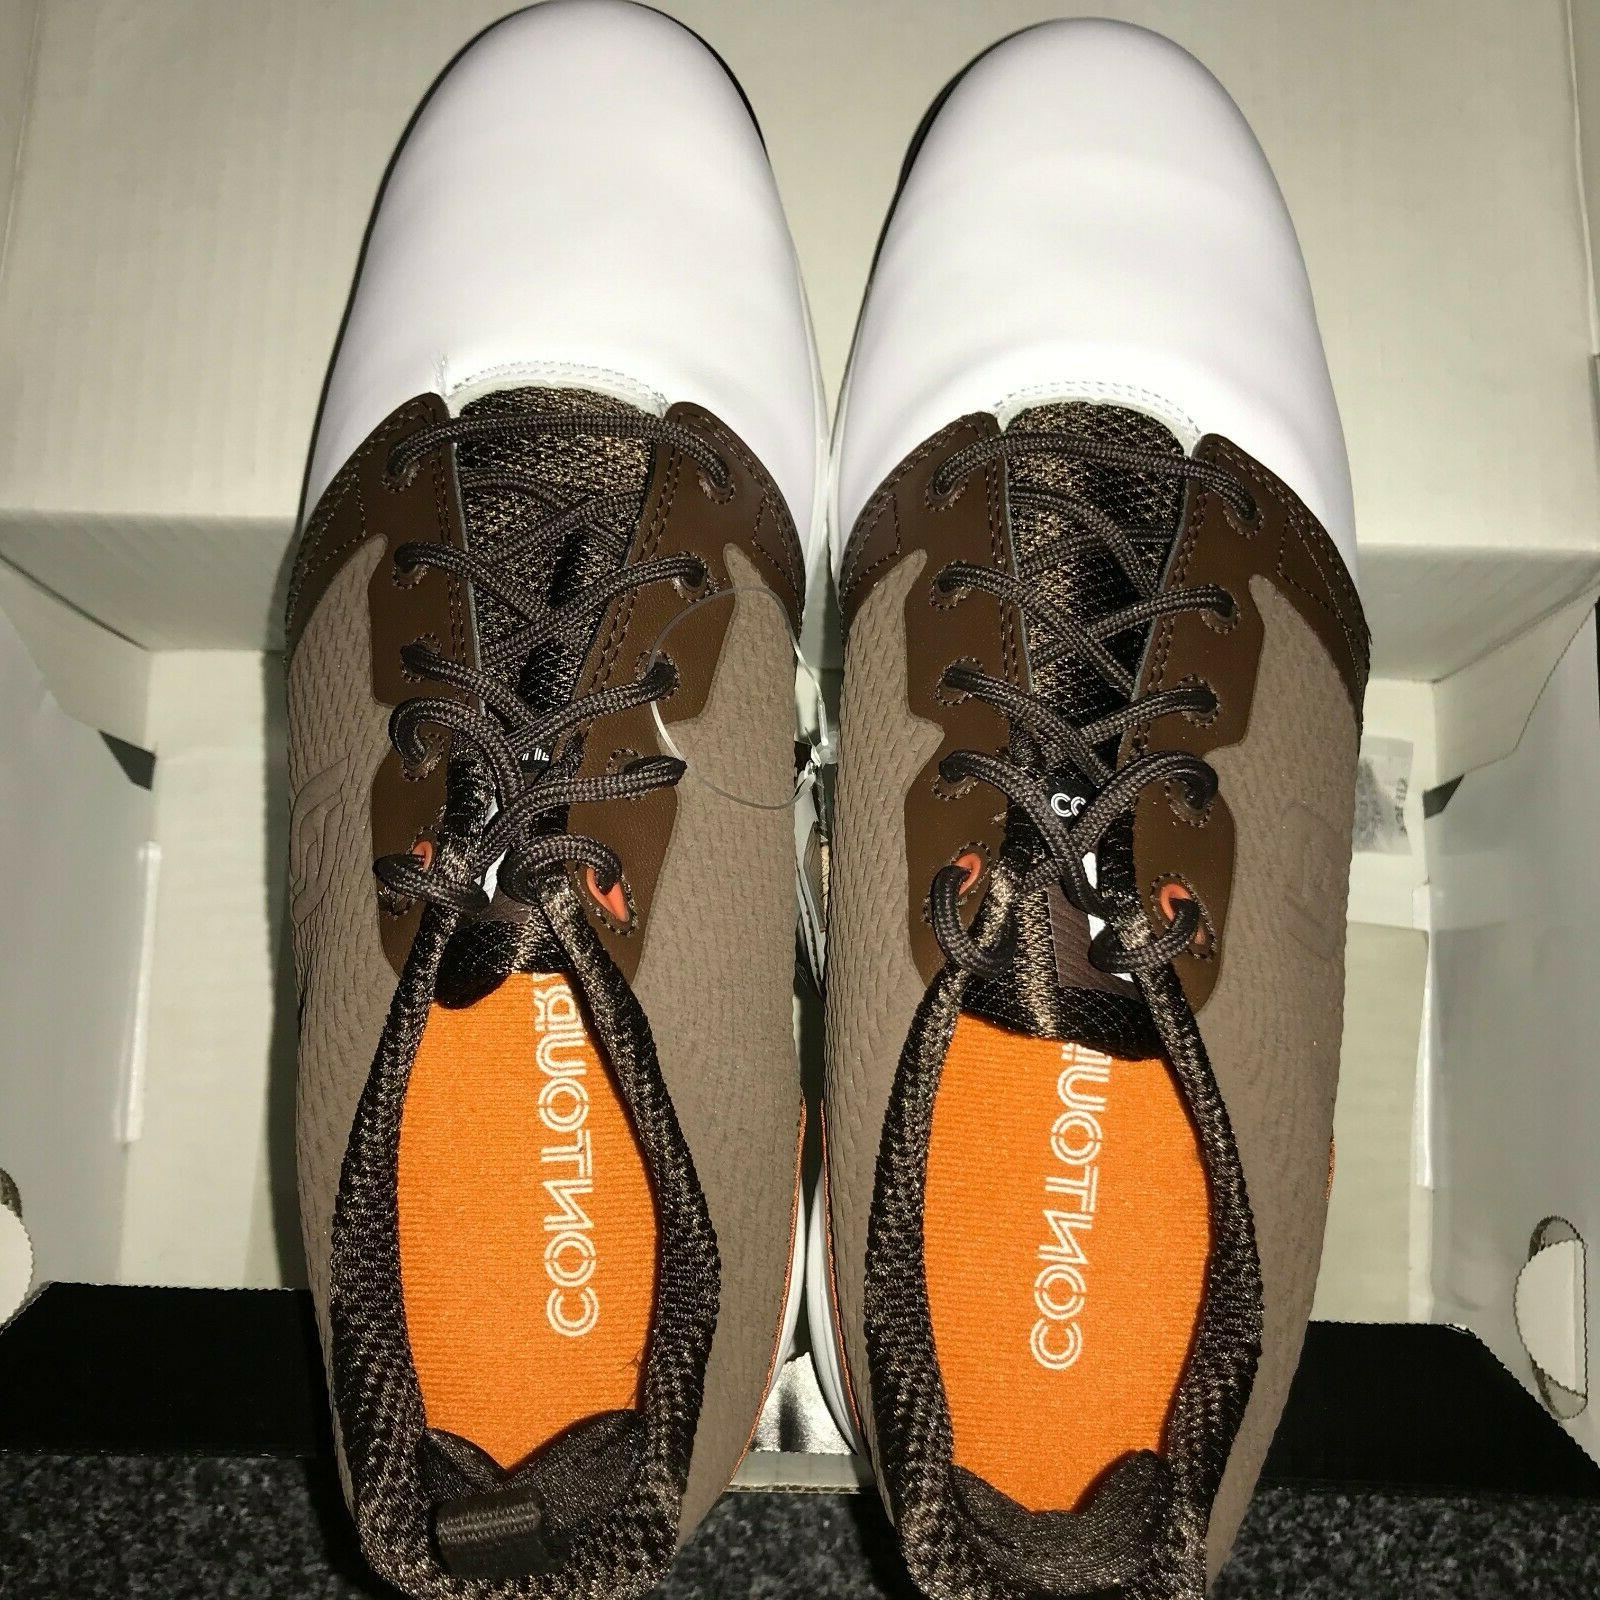 FootJoy Contour Fit Men's Golf Shoes New White/Brown 8, 9, 9